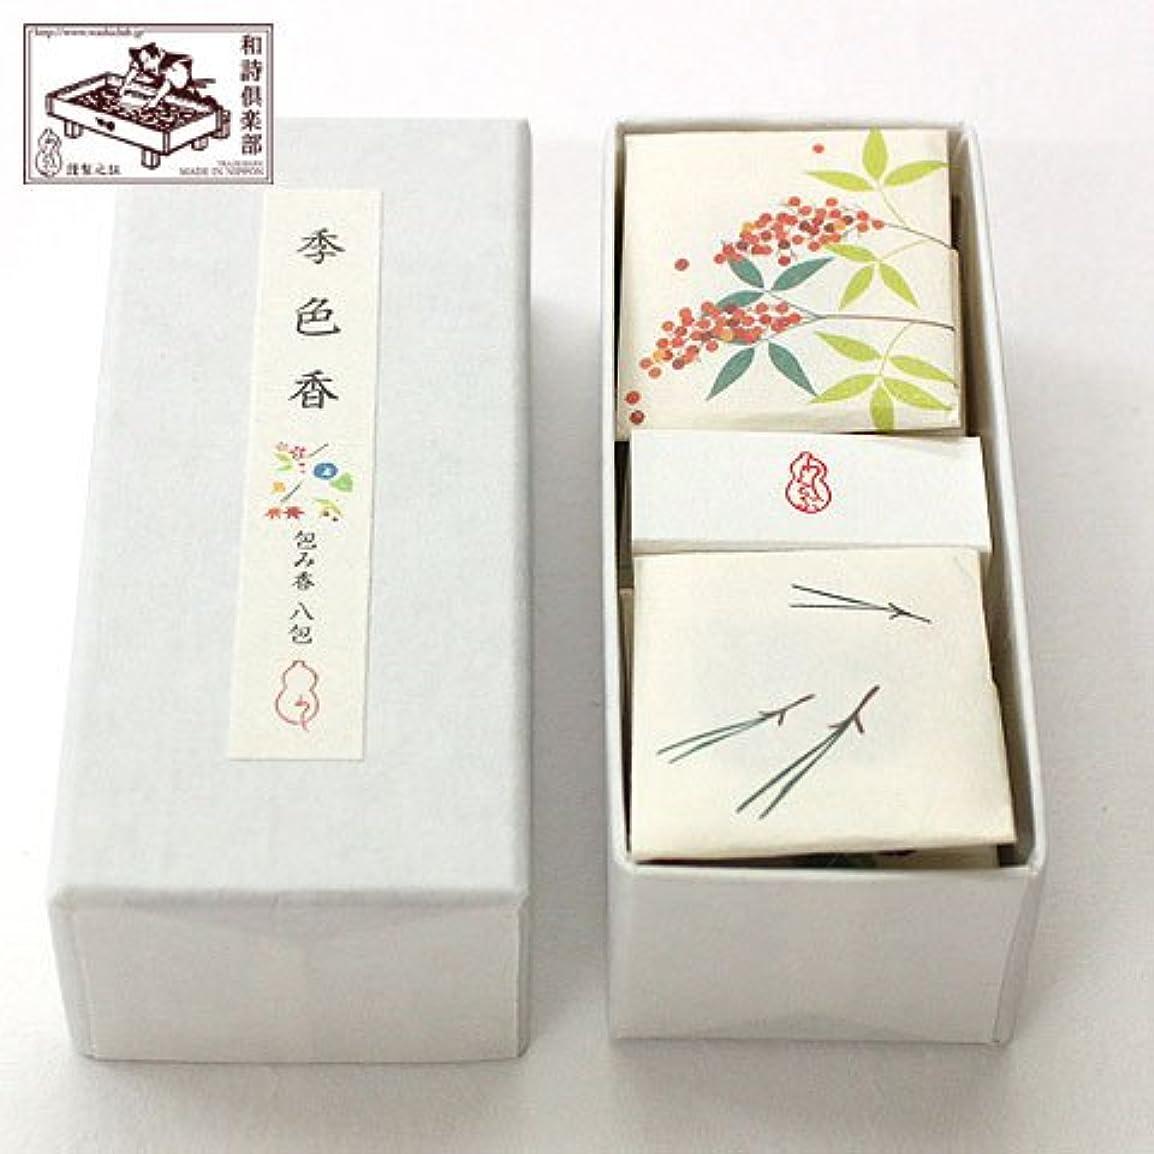 スイッチコミュニケーション流用する文香包み香季色香 (TU-012)和詩倶楽部